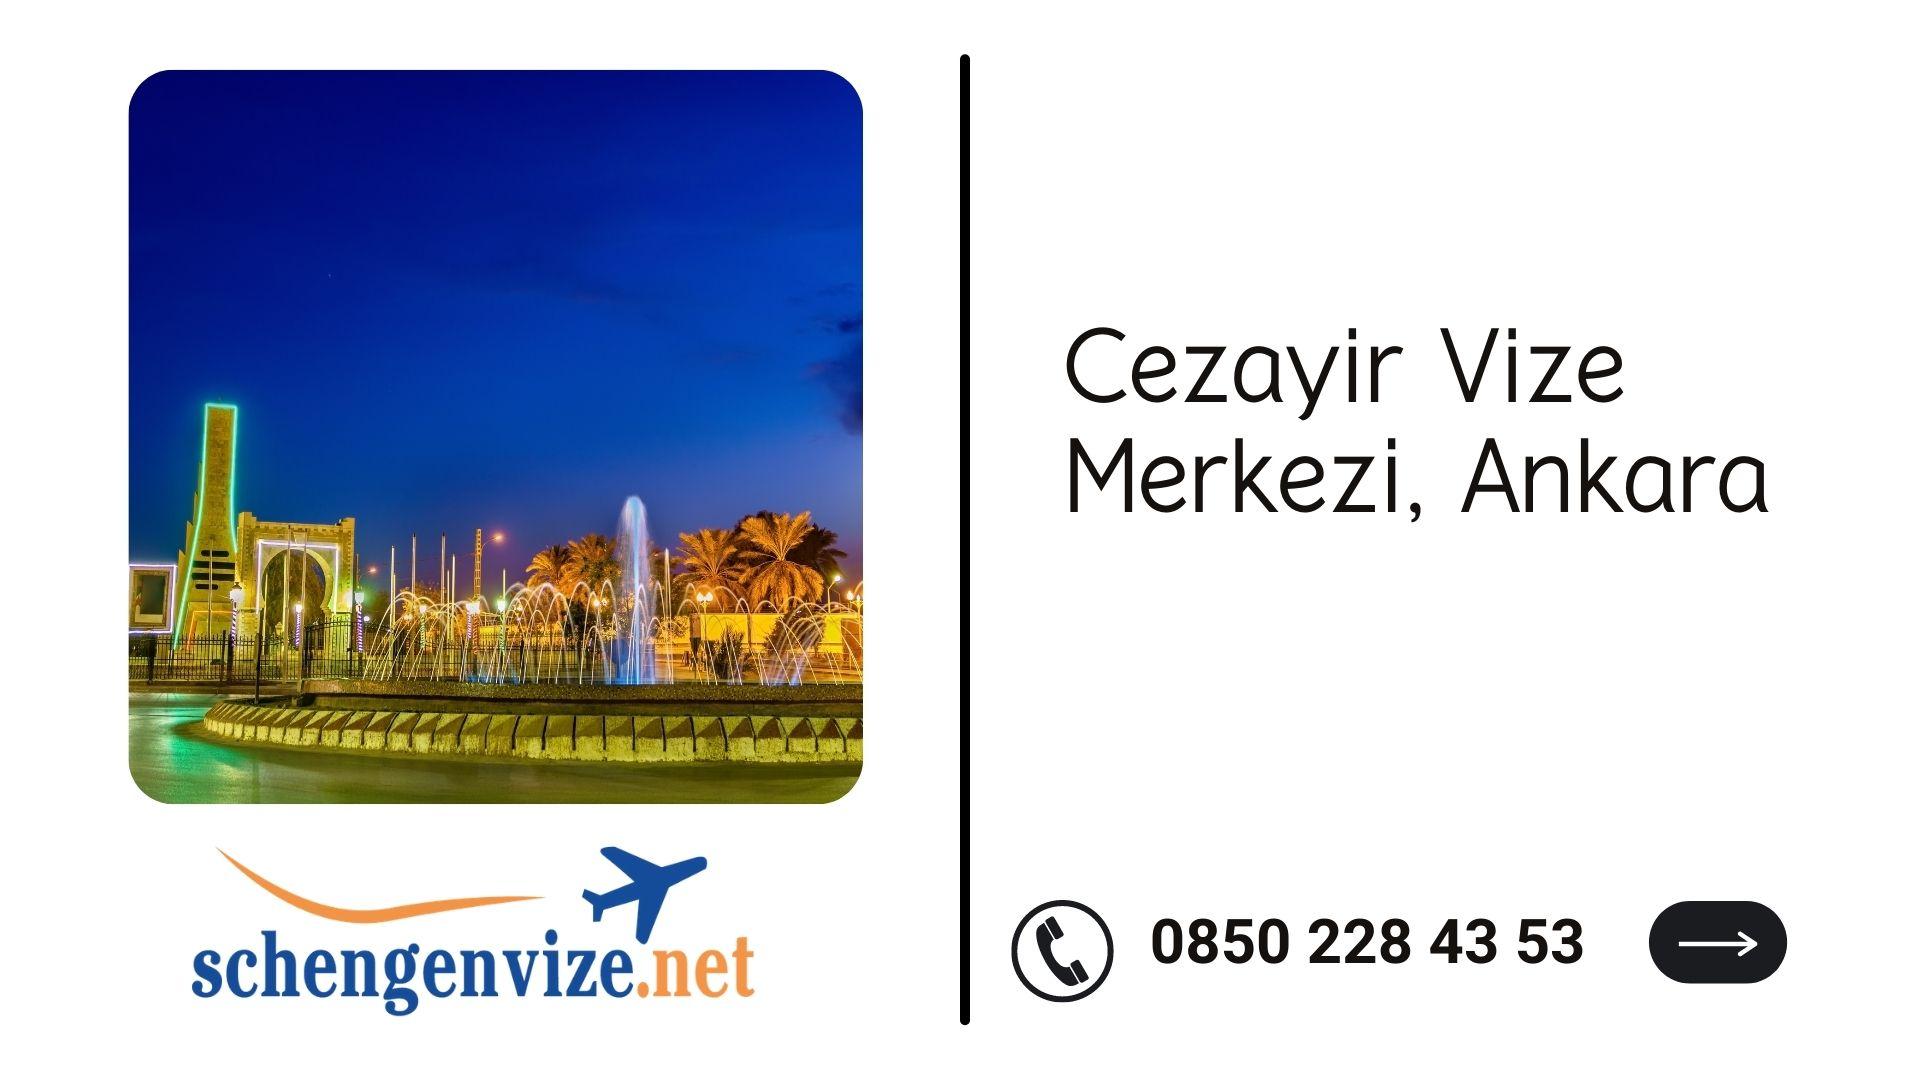 Cezayir Vize Merkezi, Ankara